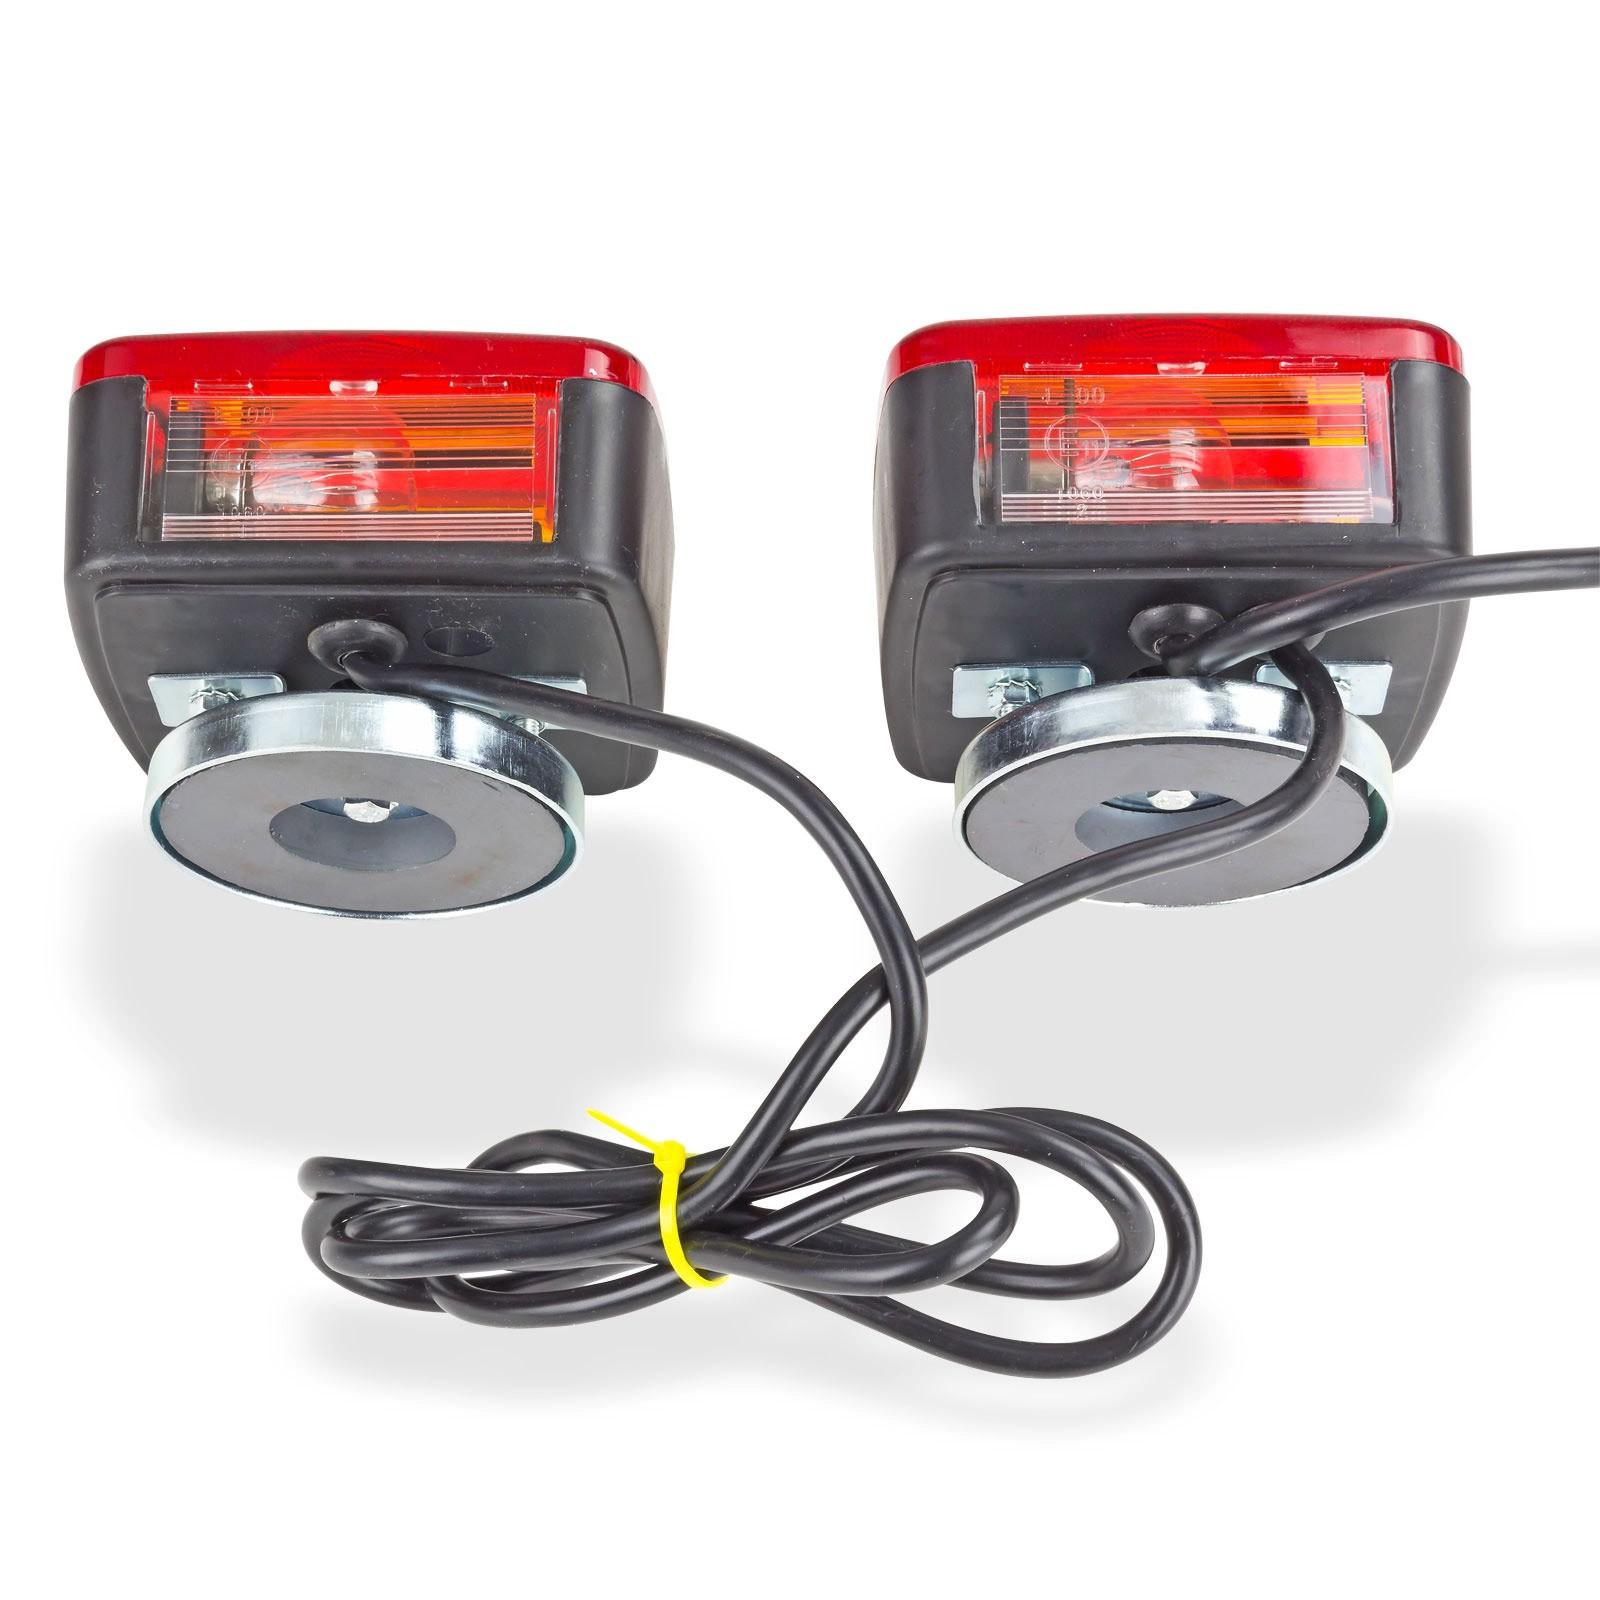 magnet beleuchtungssatz r cklichter beleuchtung 12v f r anh nger traktor ebay. Black Bedroom Furniture Sets. Home Design Ideas